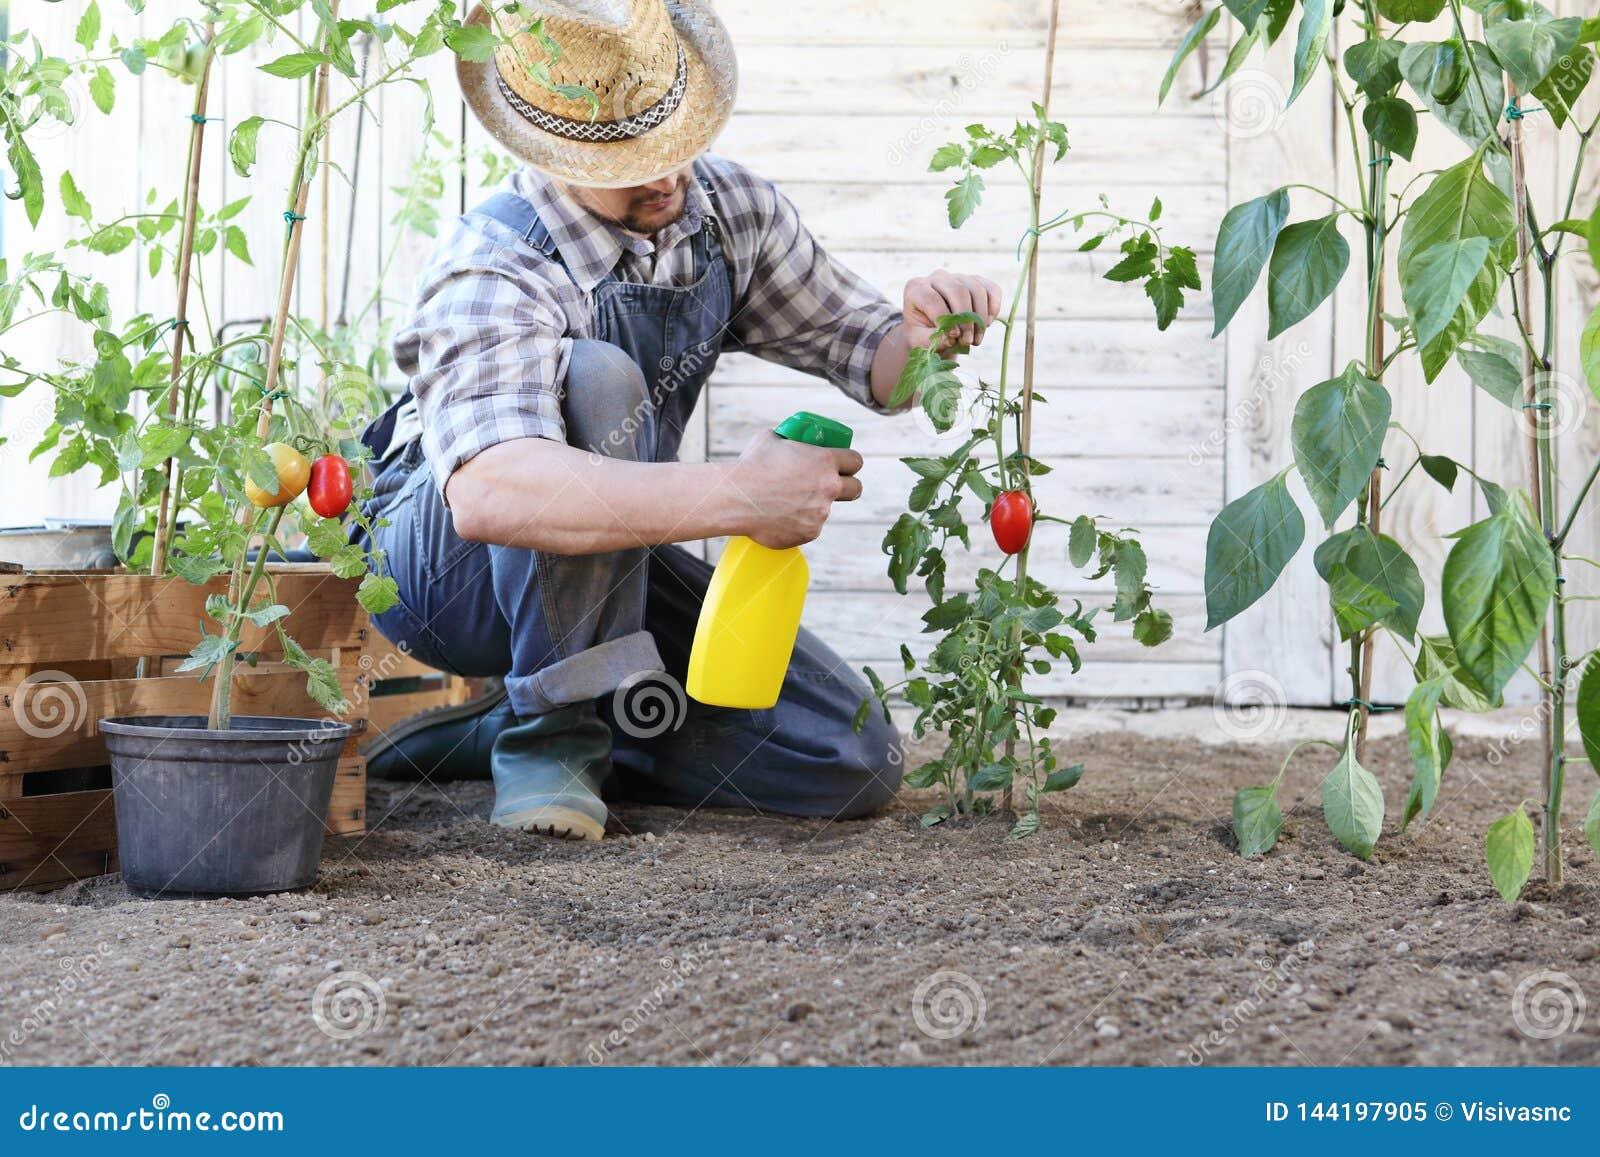 Το άτομο στο φυτικό κήπο ψεκάζει το φυτοφάρμακο στο φύλλο των τοματιών, προσοχή των φυτών